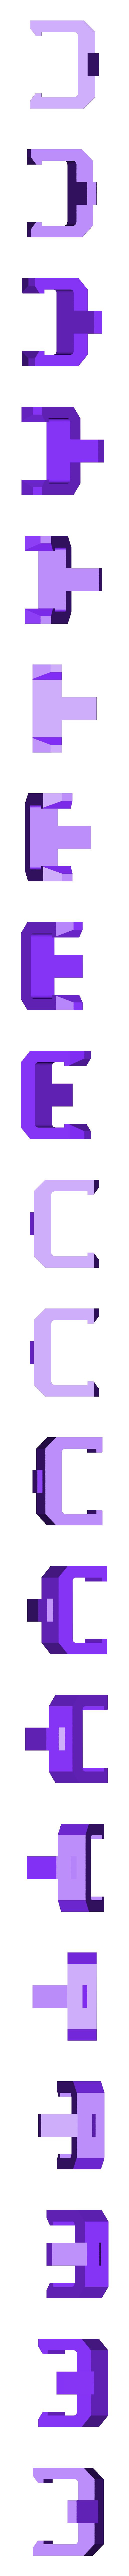 LegT2_Left_12_OliveGreen.stl Download STL file Heavy Gun Walker • 3D print design, Jwoong